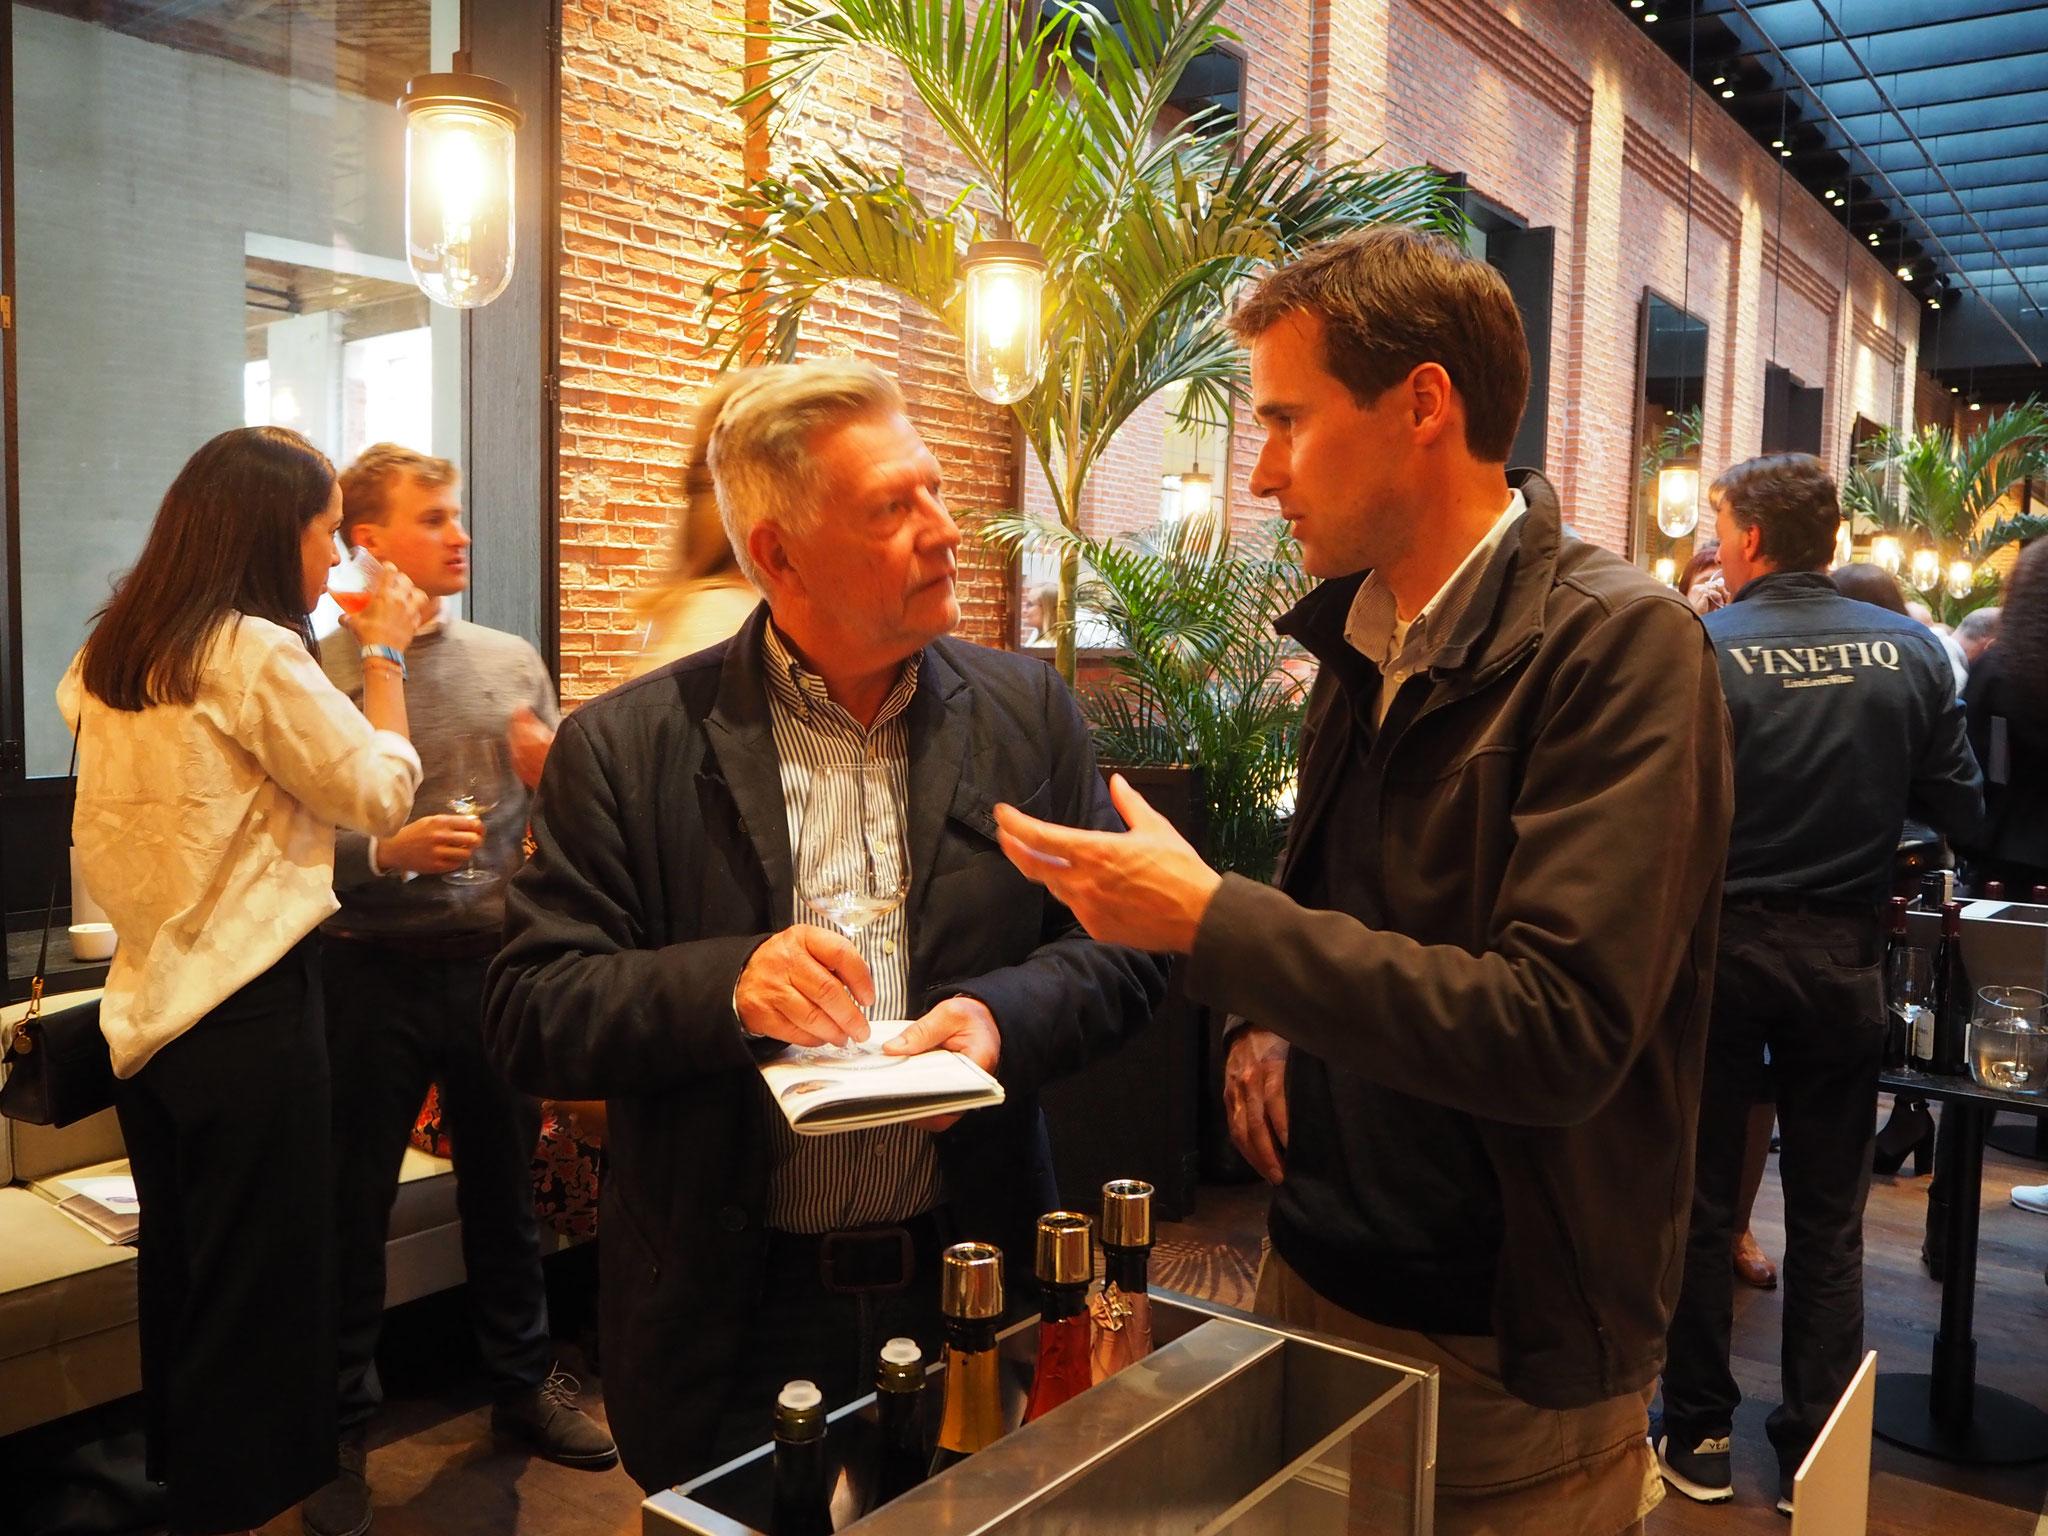 Wijnbouwer Martin Bacquaert van Entre-Deux-Monts, verwijzend naar zijn ligging tussen de Rodeberg & de Zwartberg vertegenwoordigde België.